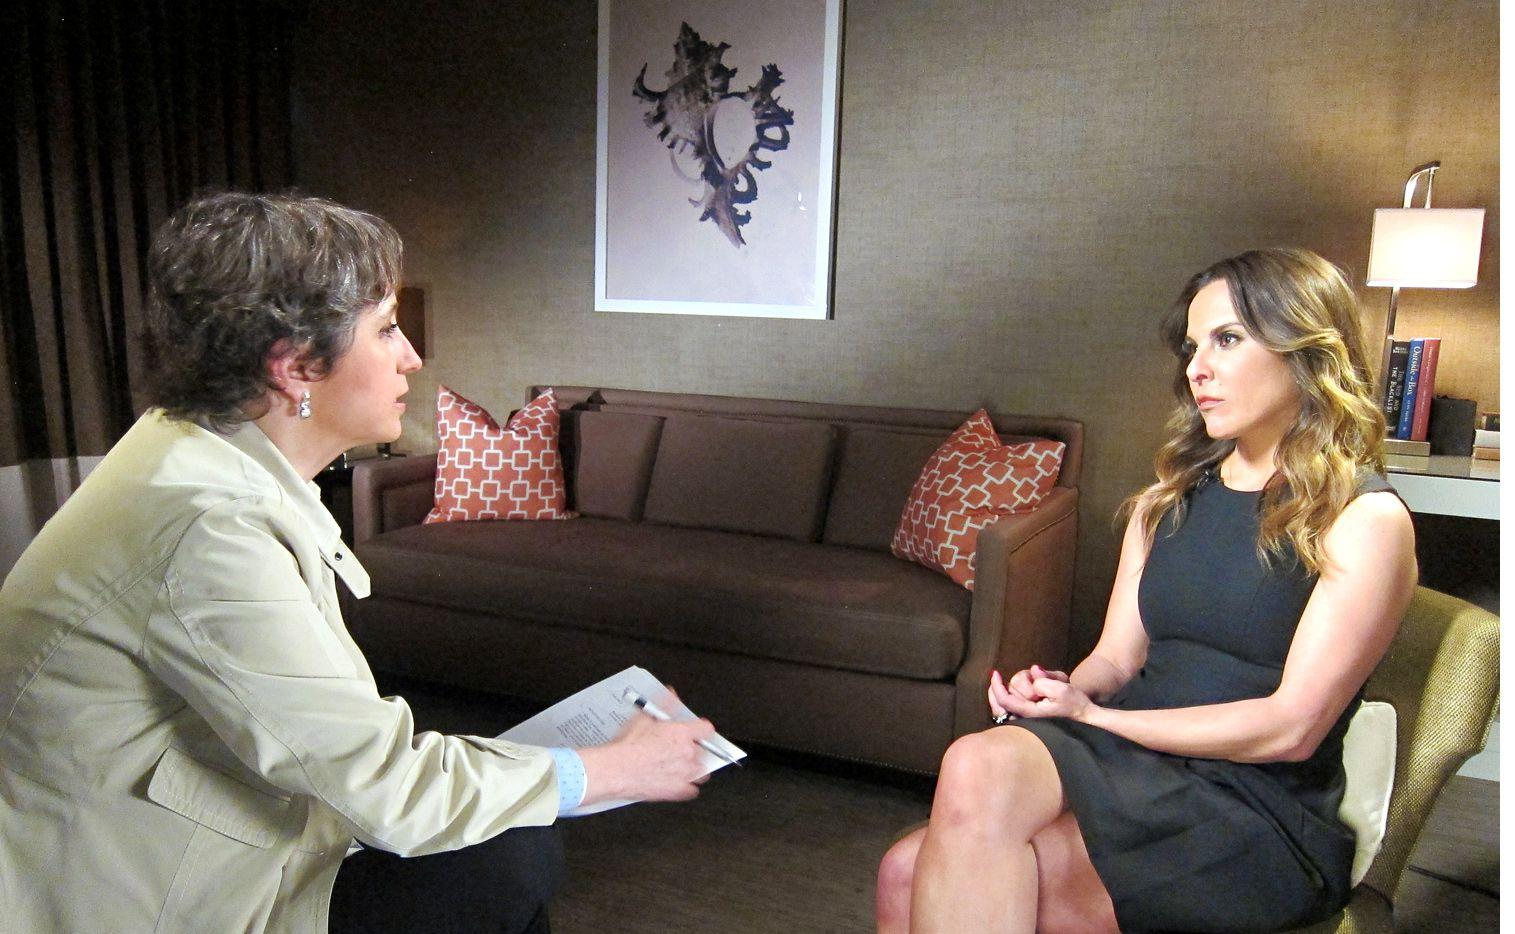 La actriz Kate del Castillo platicó con la periodista Carmen Aristegui en Los Ángeles./AGENCIA REFORMA